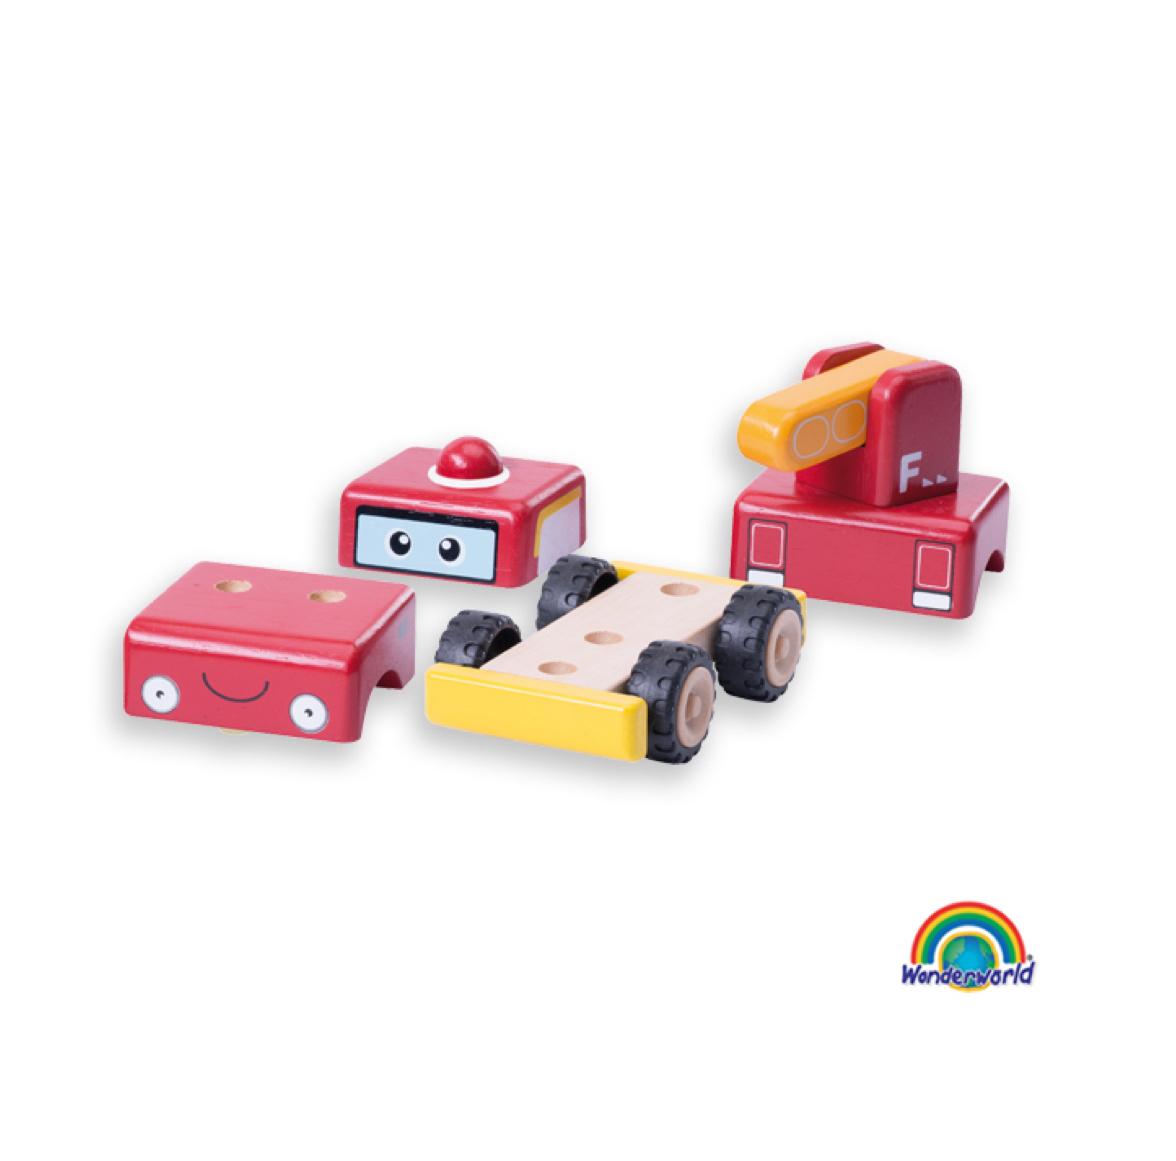 construye-un-camion-de-bomberos-de-wonderworld-en-el-mundo-de-mico-2